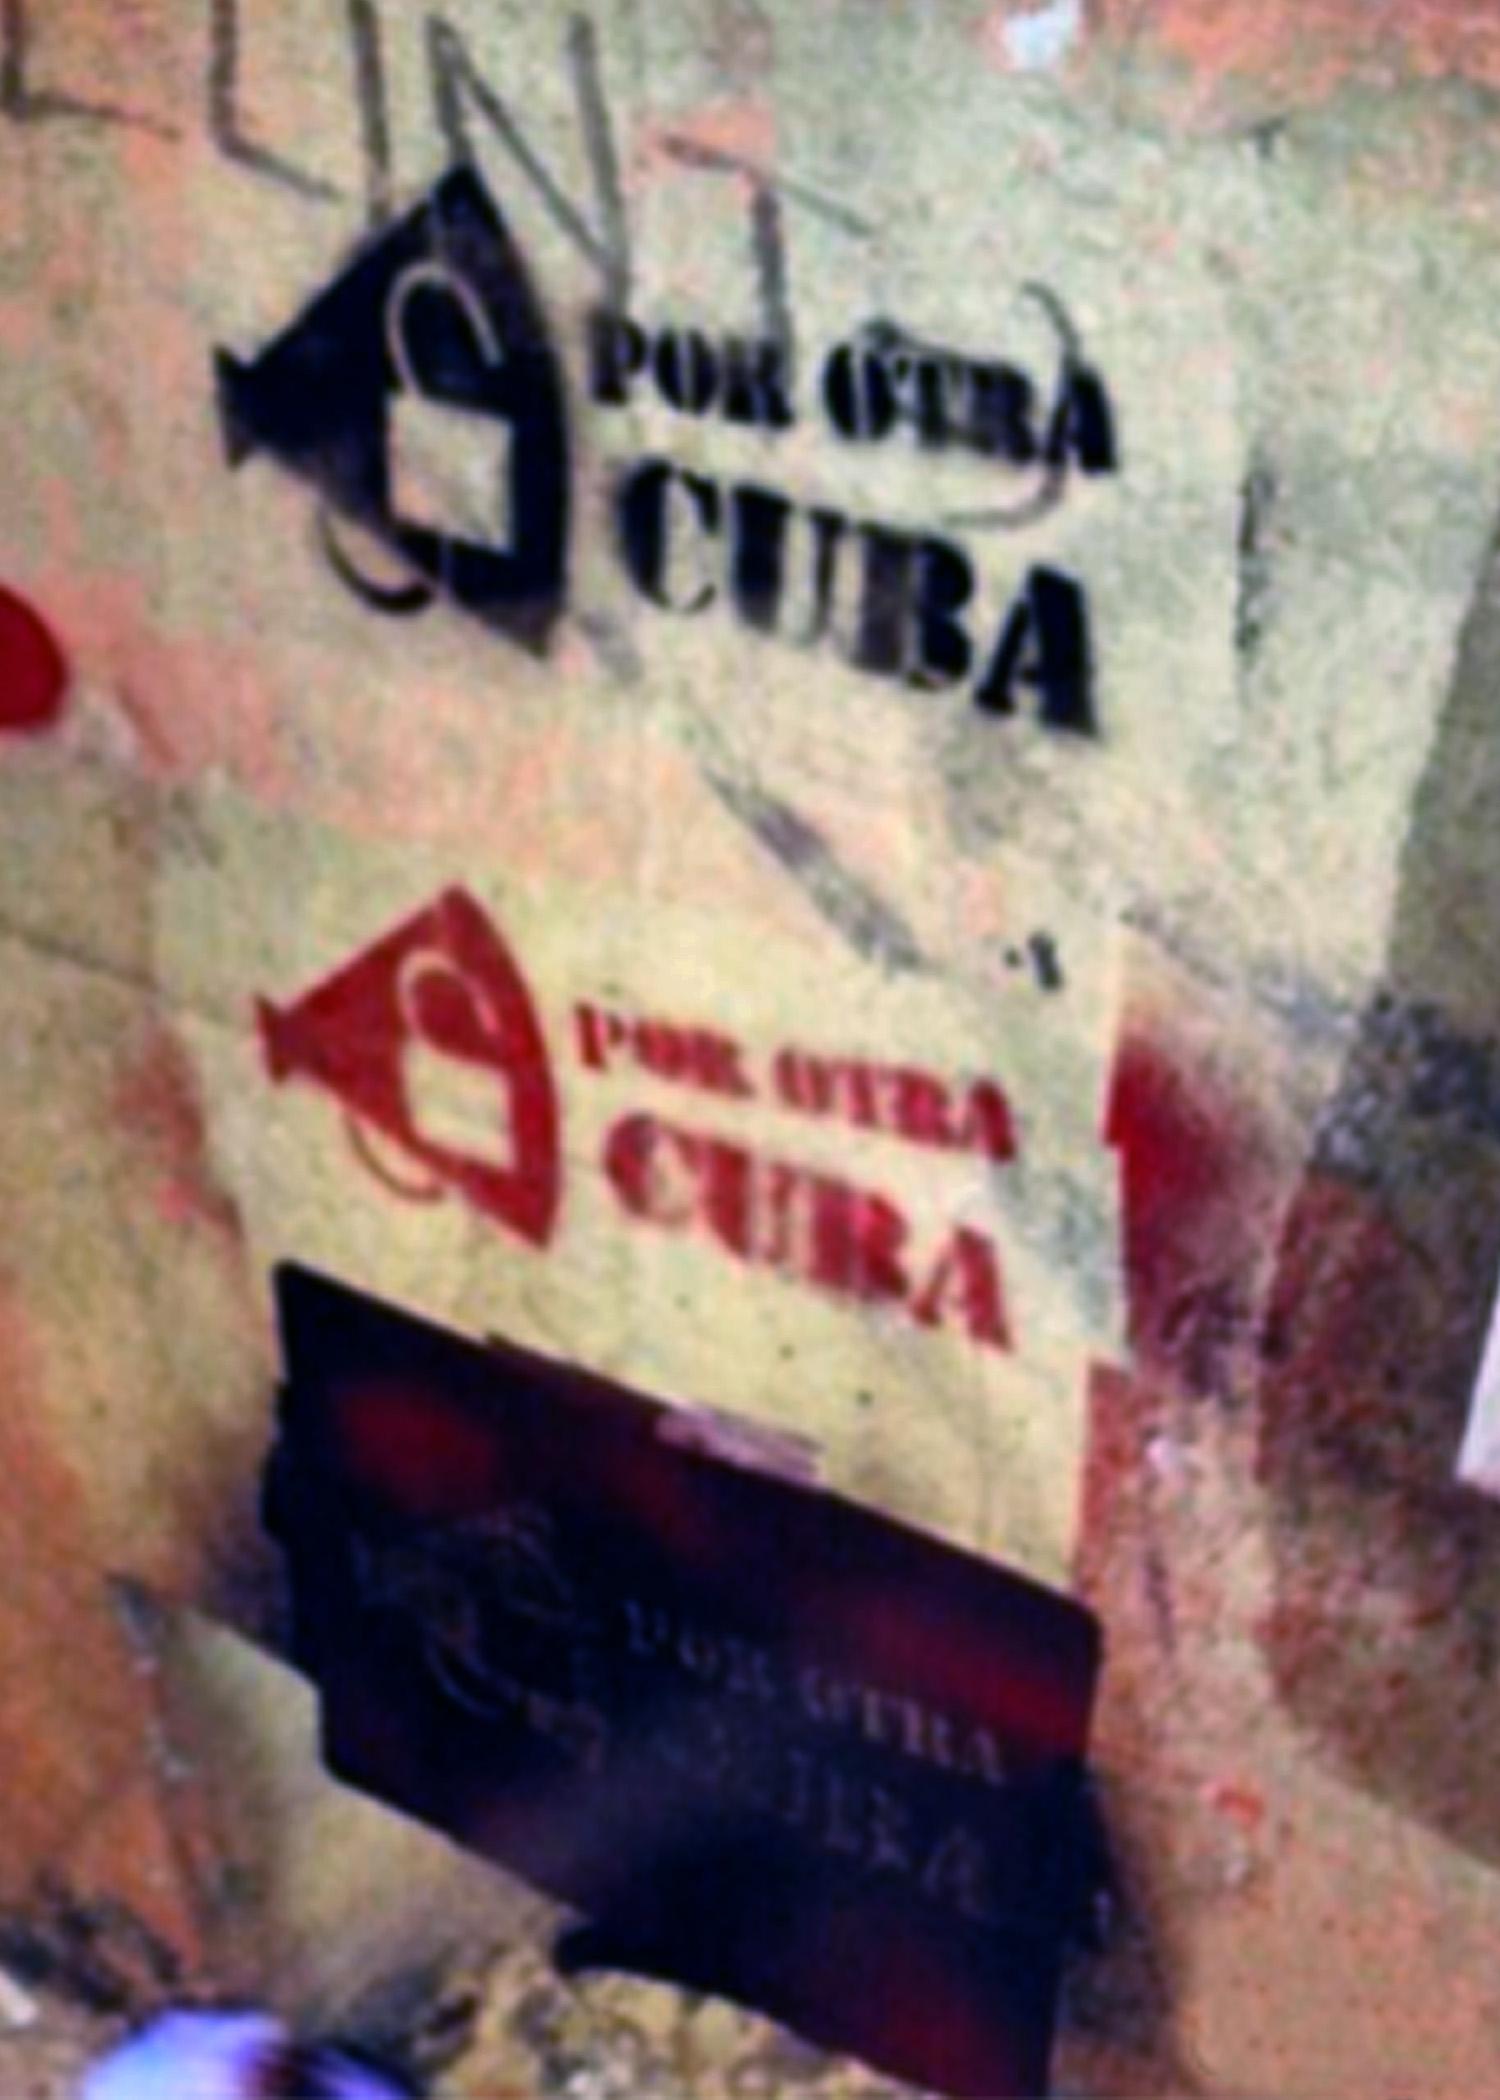 Por otra Cuba_unknow